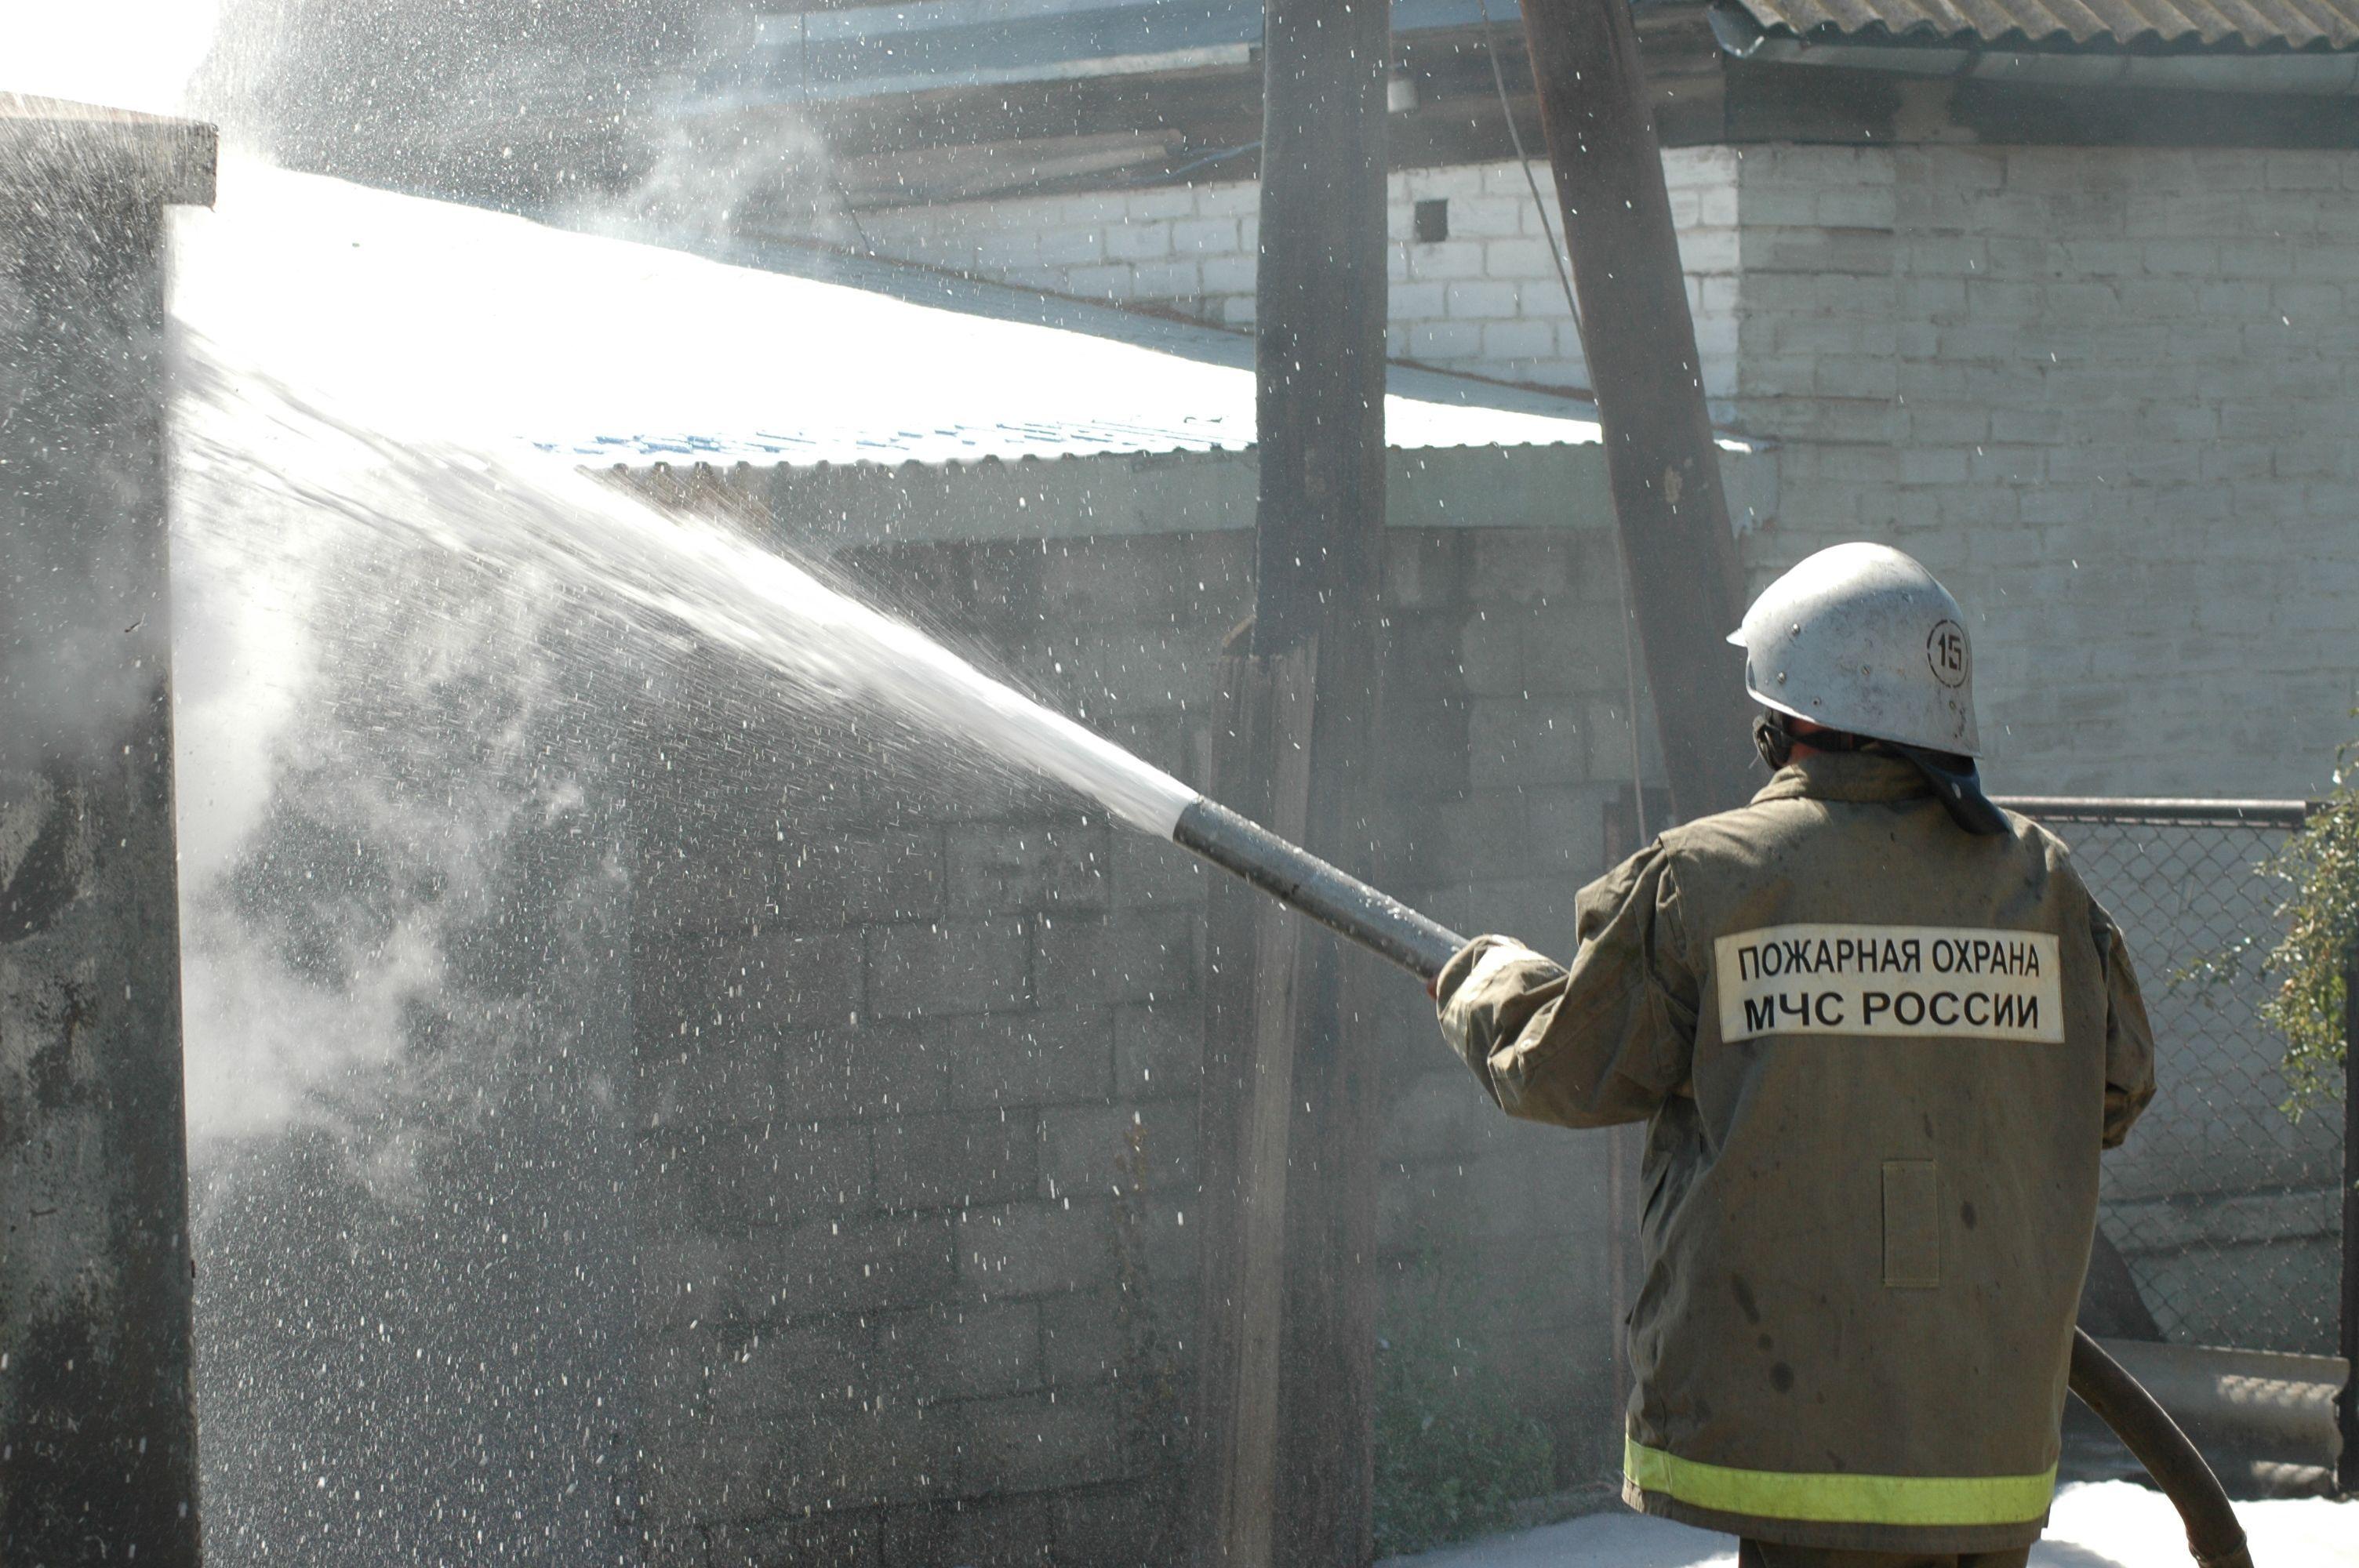 Неизвестные подожгли дом вВолгоградской области, при пожаре умер мужчина